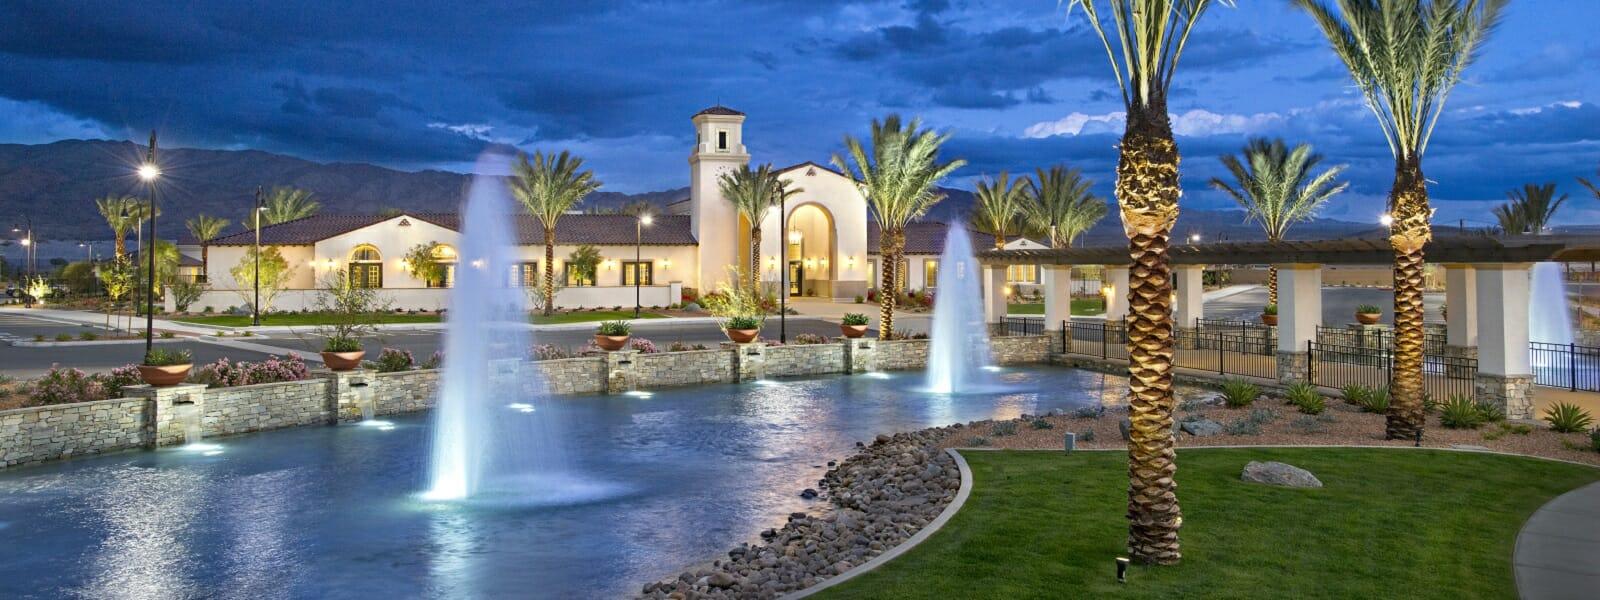 K Hov Terra Lago   California Gated 55 Plus Communities CA Retire